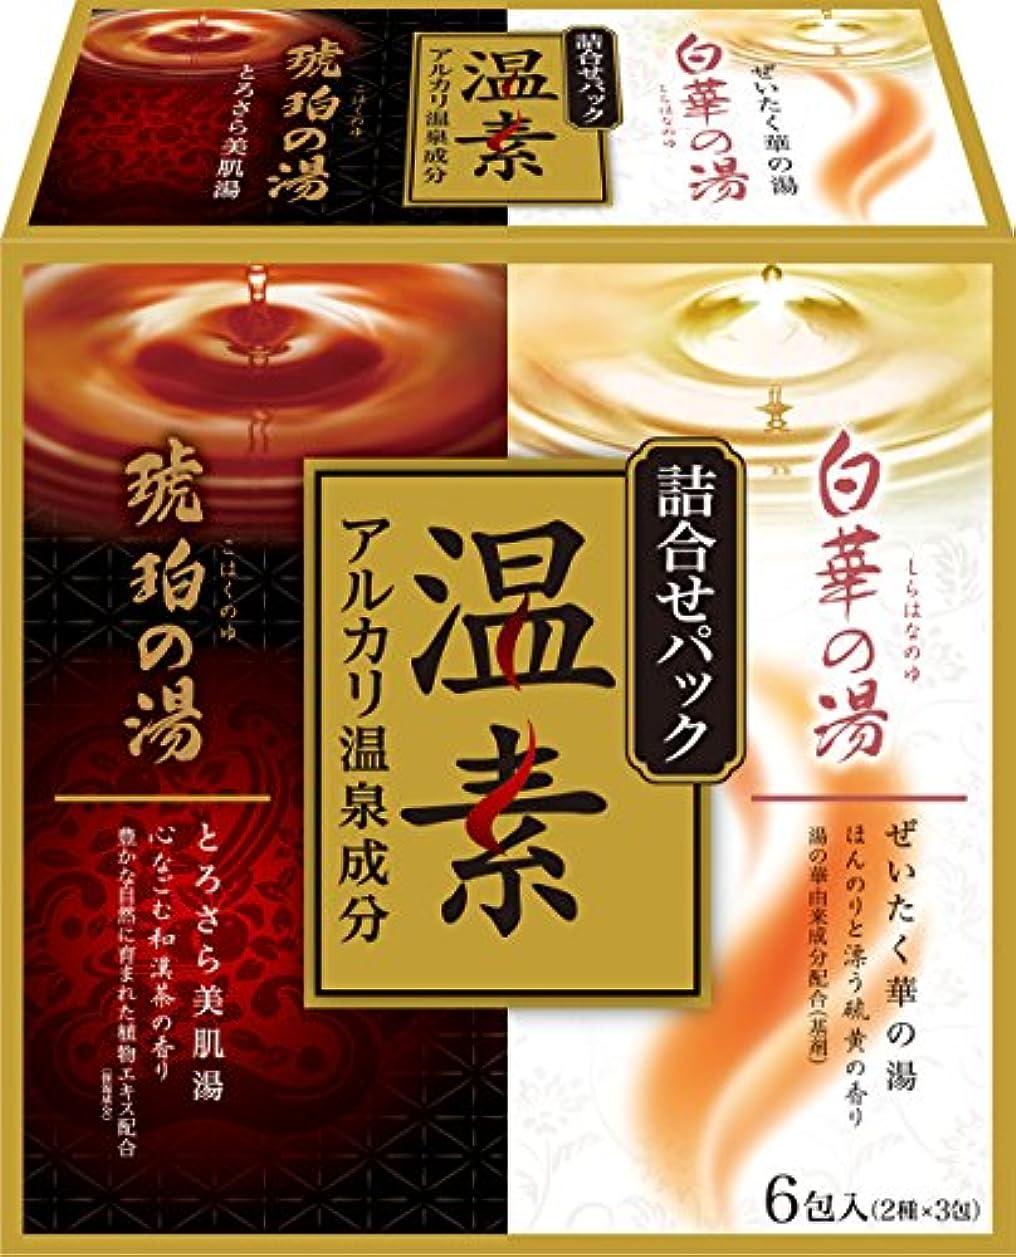 登る羨望うつアース製薬 温素 琥珀の湯&白華の湯 詰合せパック 6包(各3包)